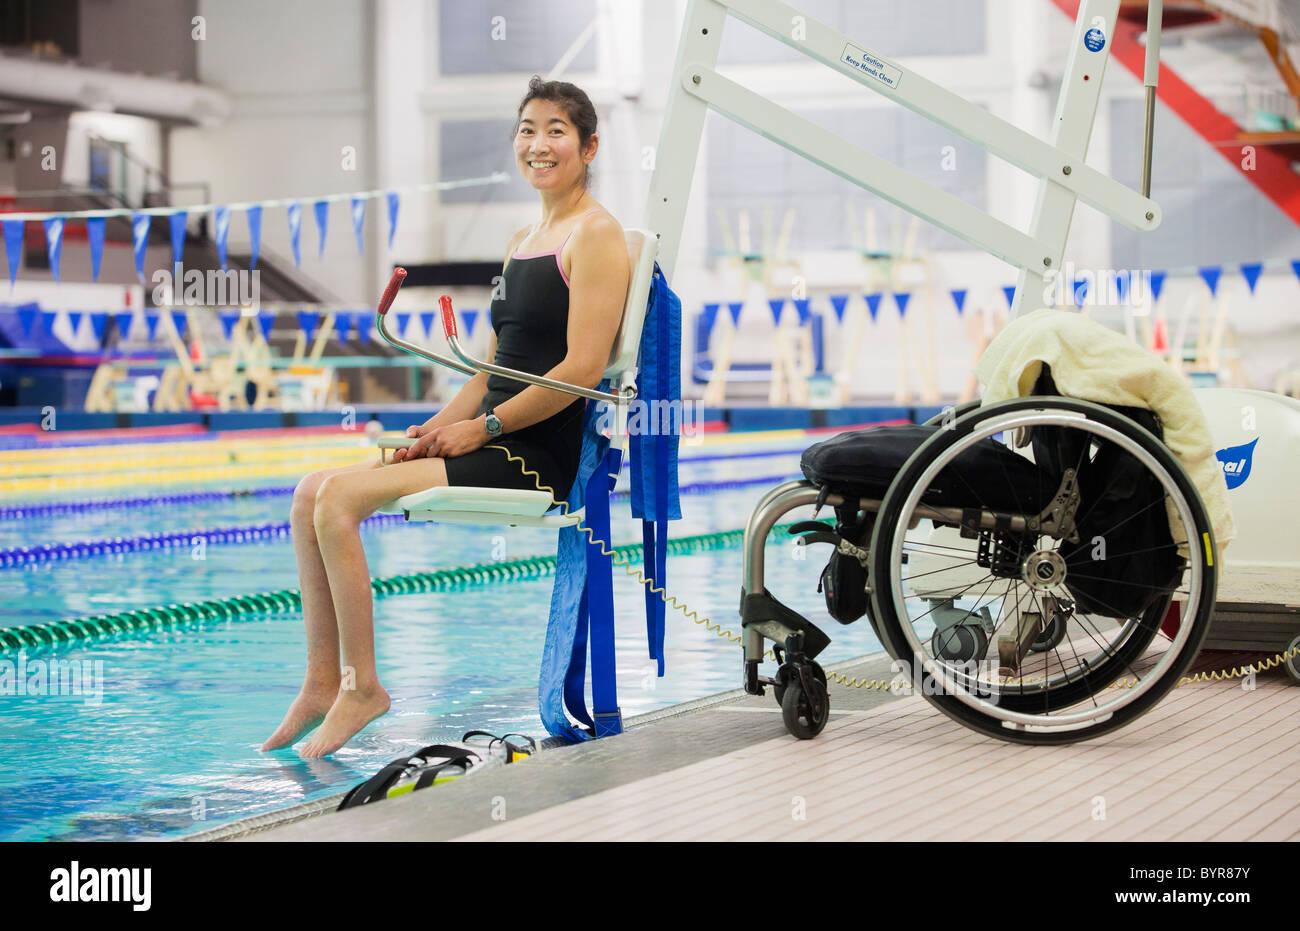 Un parapléjico mujer entra en una piscina en un ascensor con su silla de ruedas en el borde de la piscina; Imagen De Stock